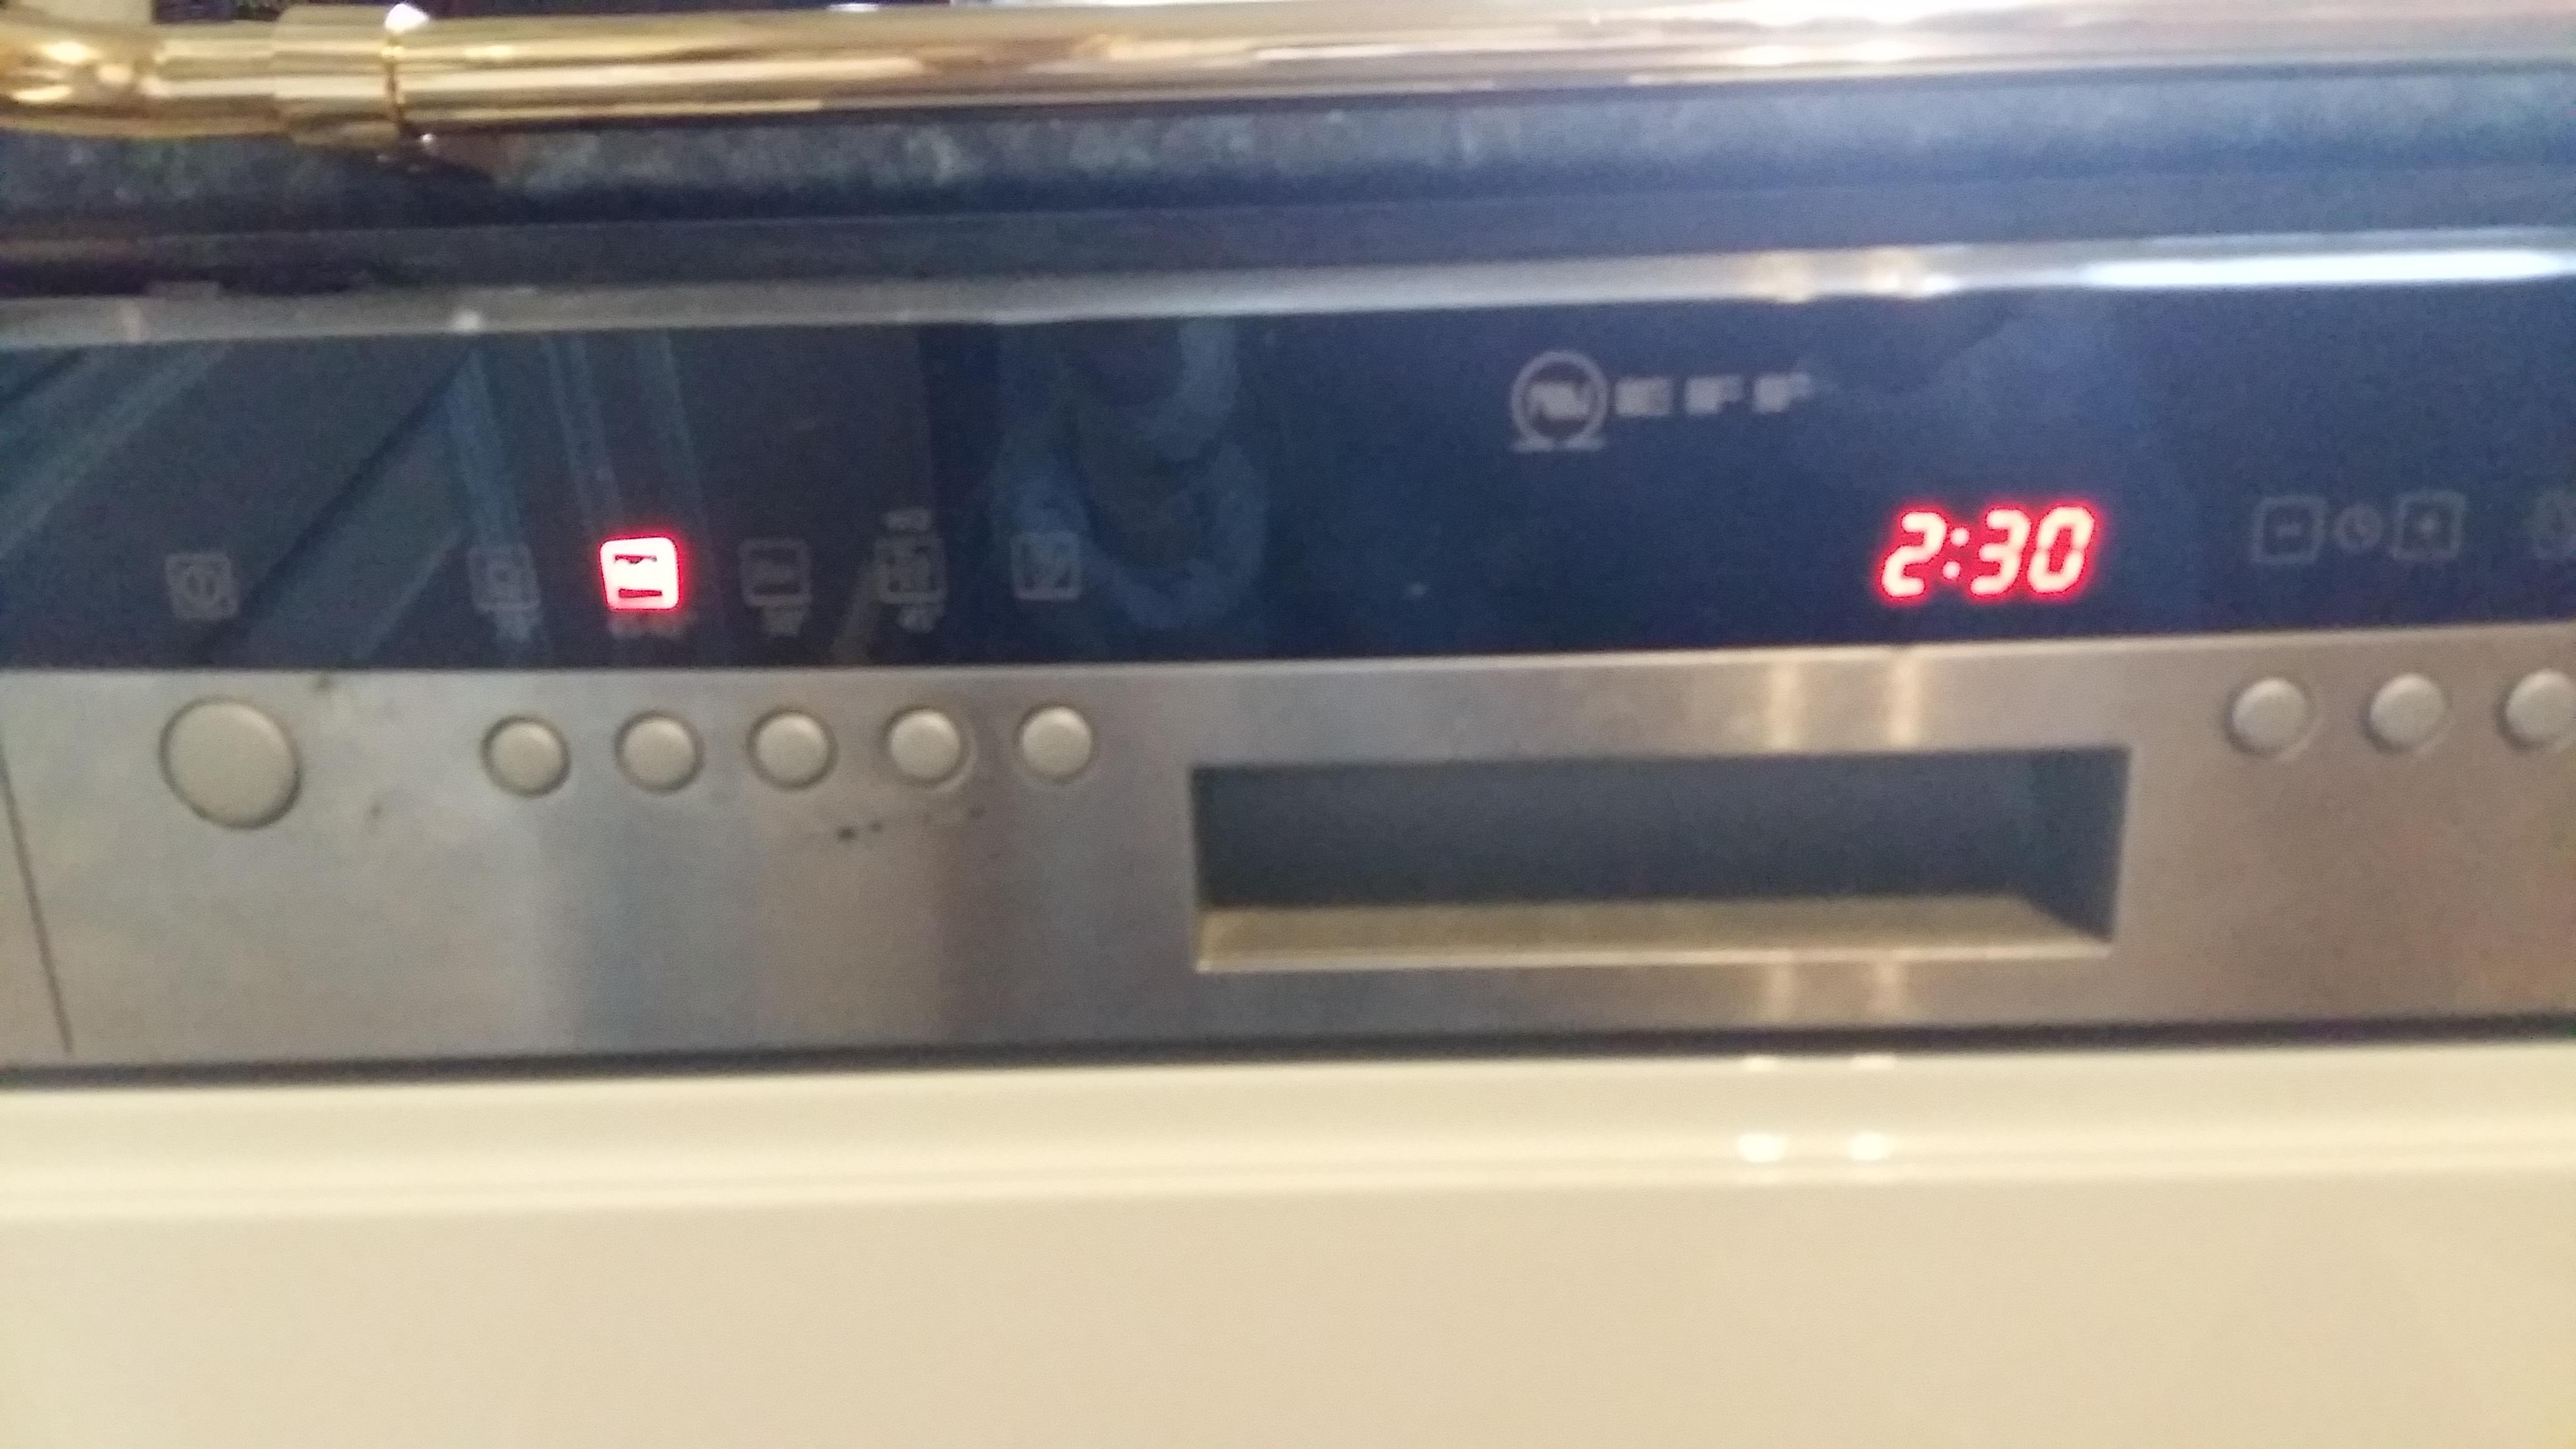 Neff Spulmaschine Fehler Wasserhahn Leuchtet Neff Geschirrspuler